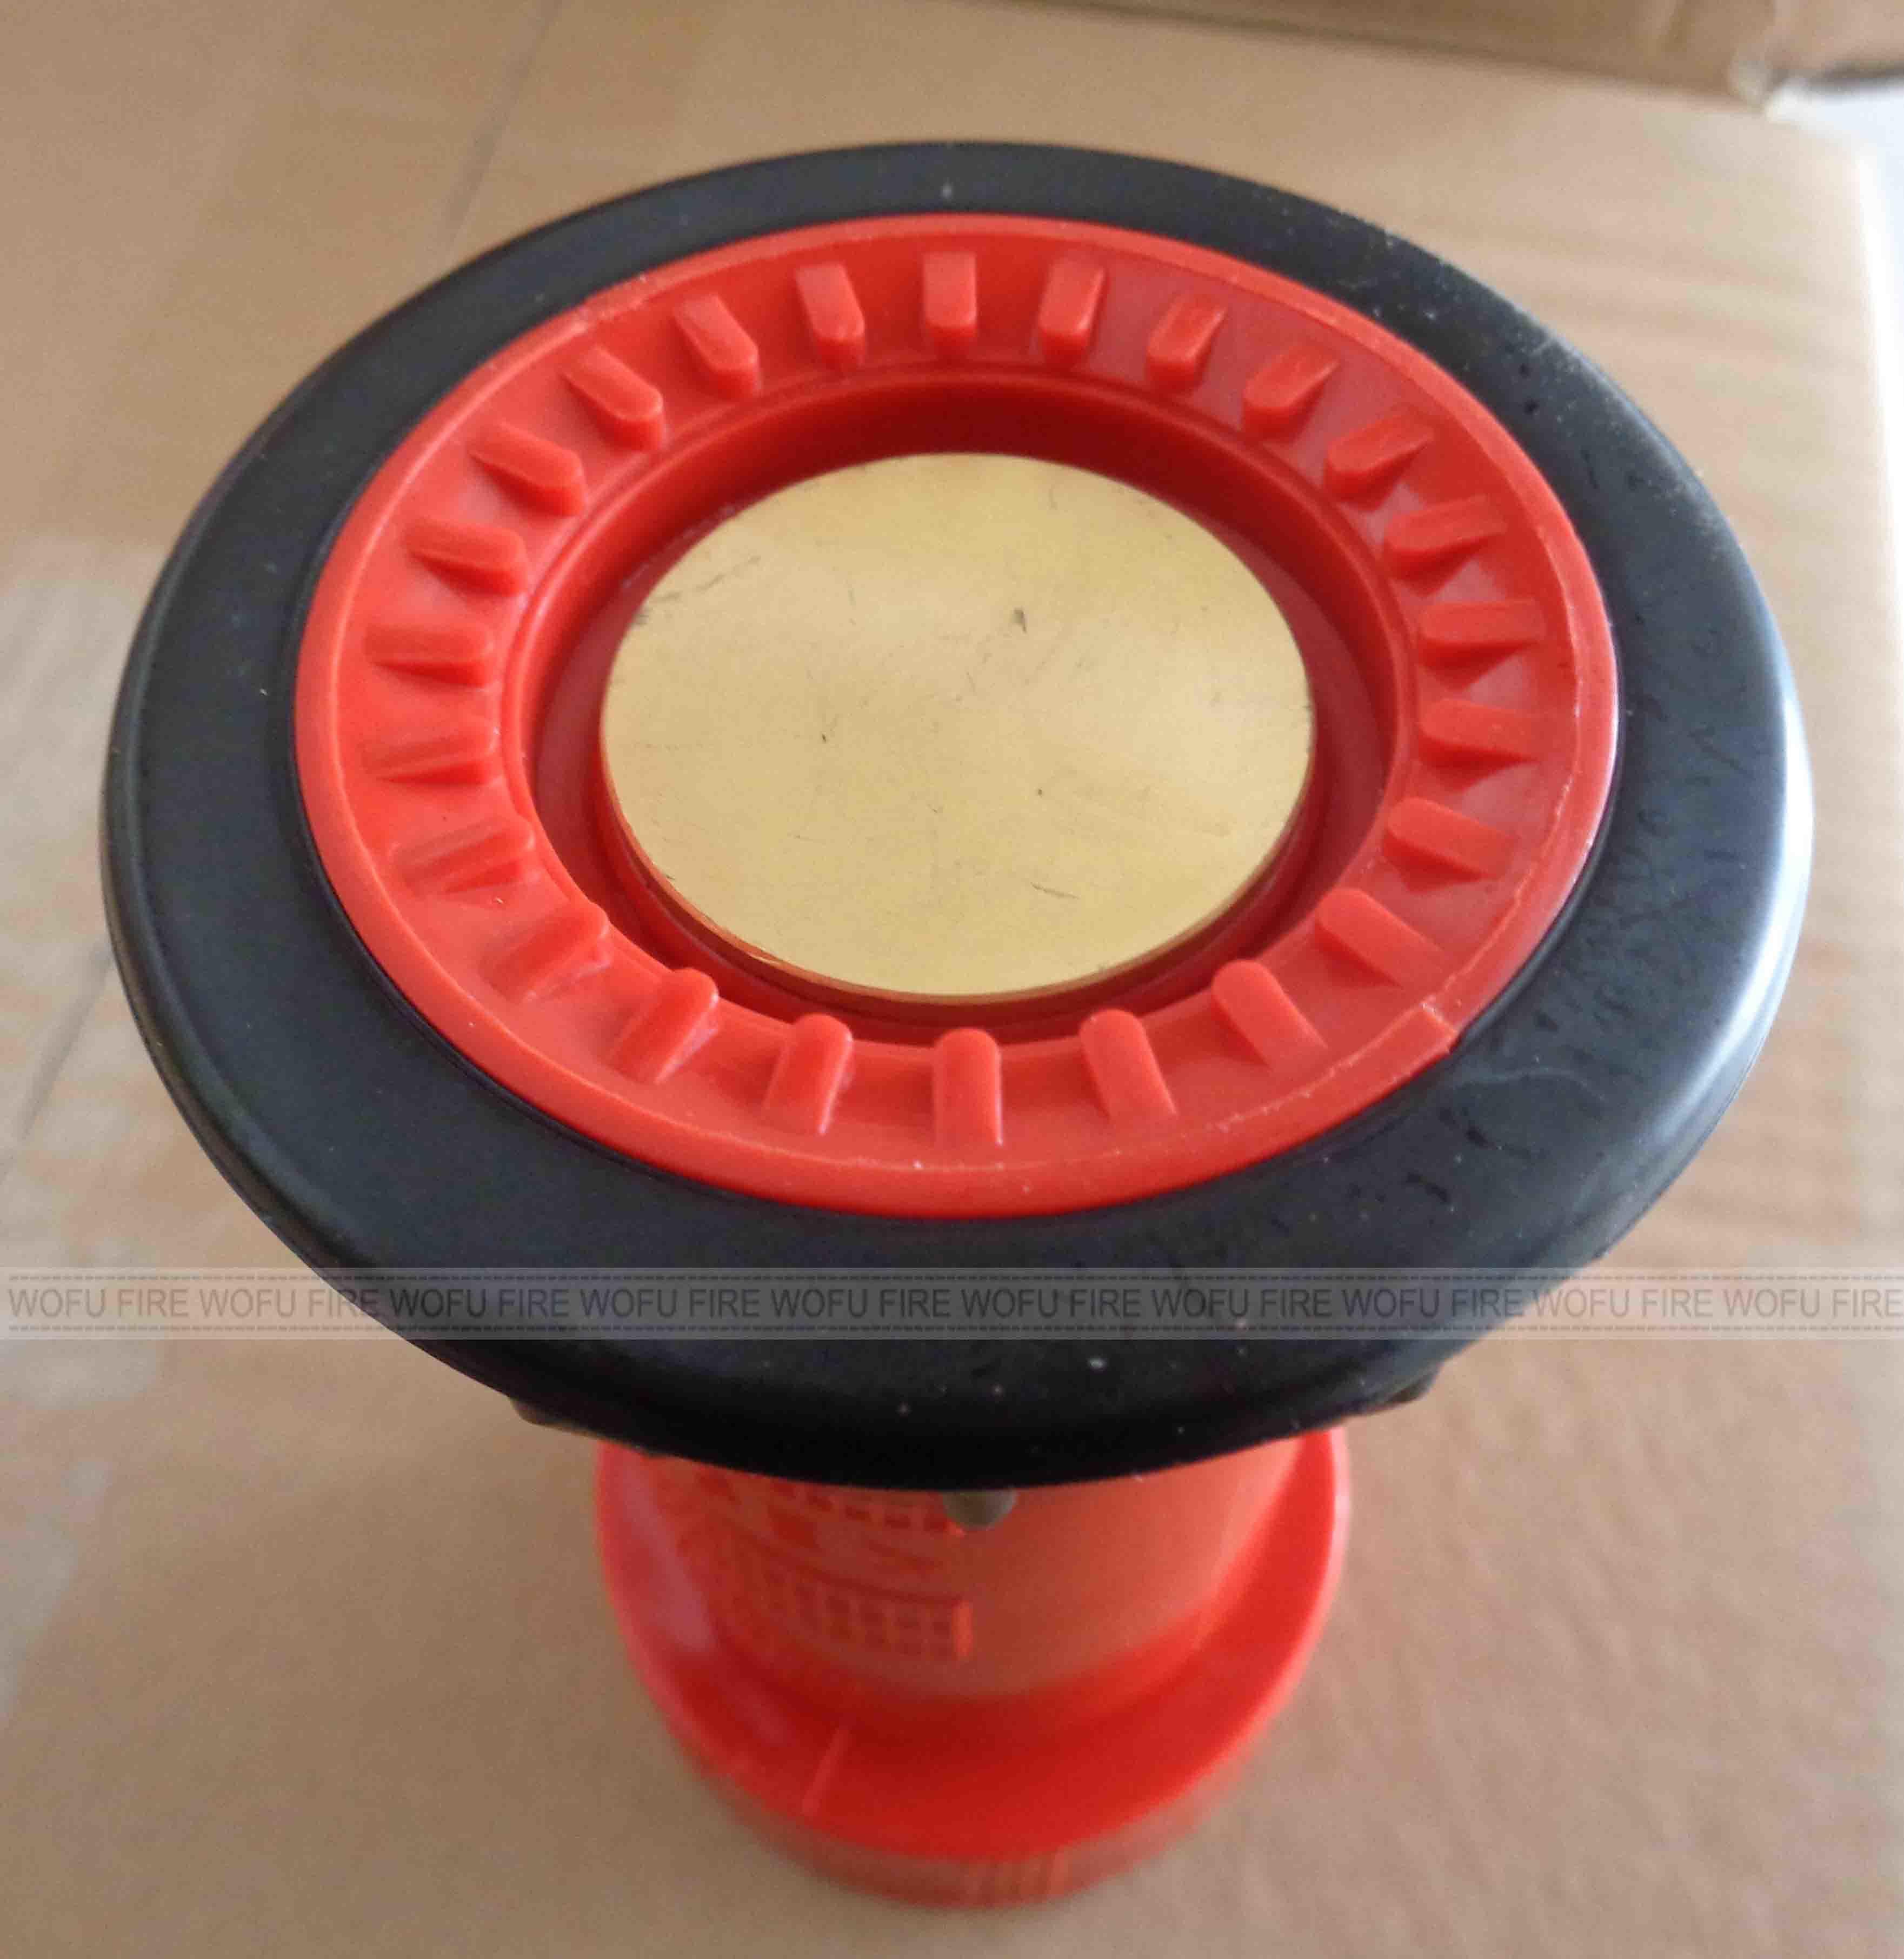 Polycarbonate Fire Hose Nozzle